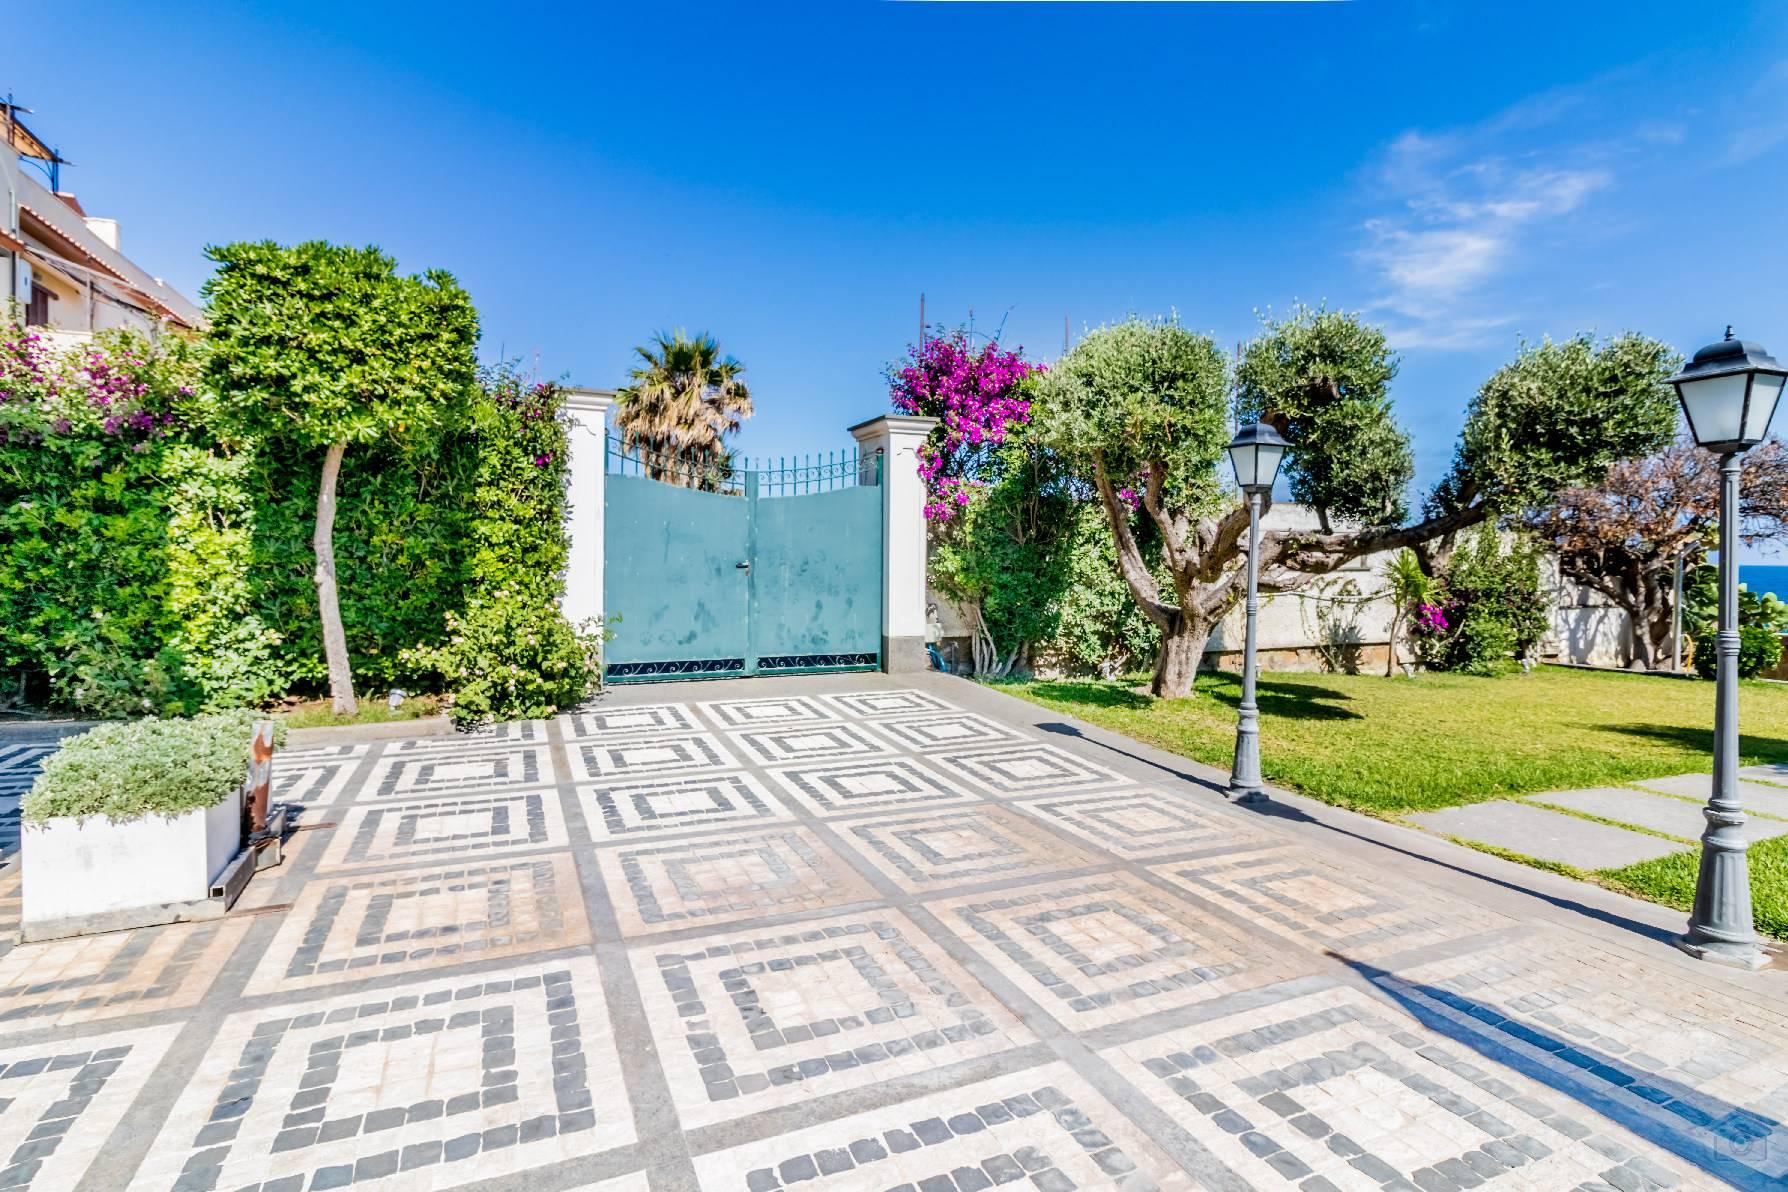 Villa in Vendita a Santa Marinella: 5 locali, 350 mq - Foto 8